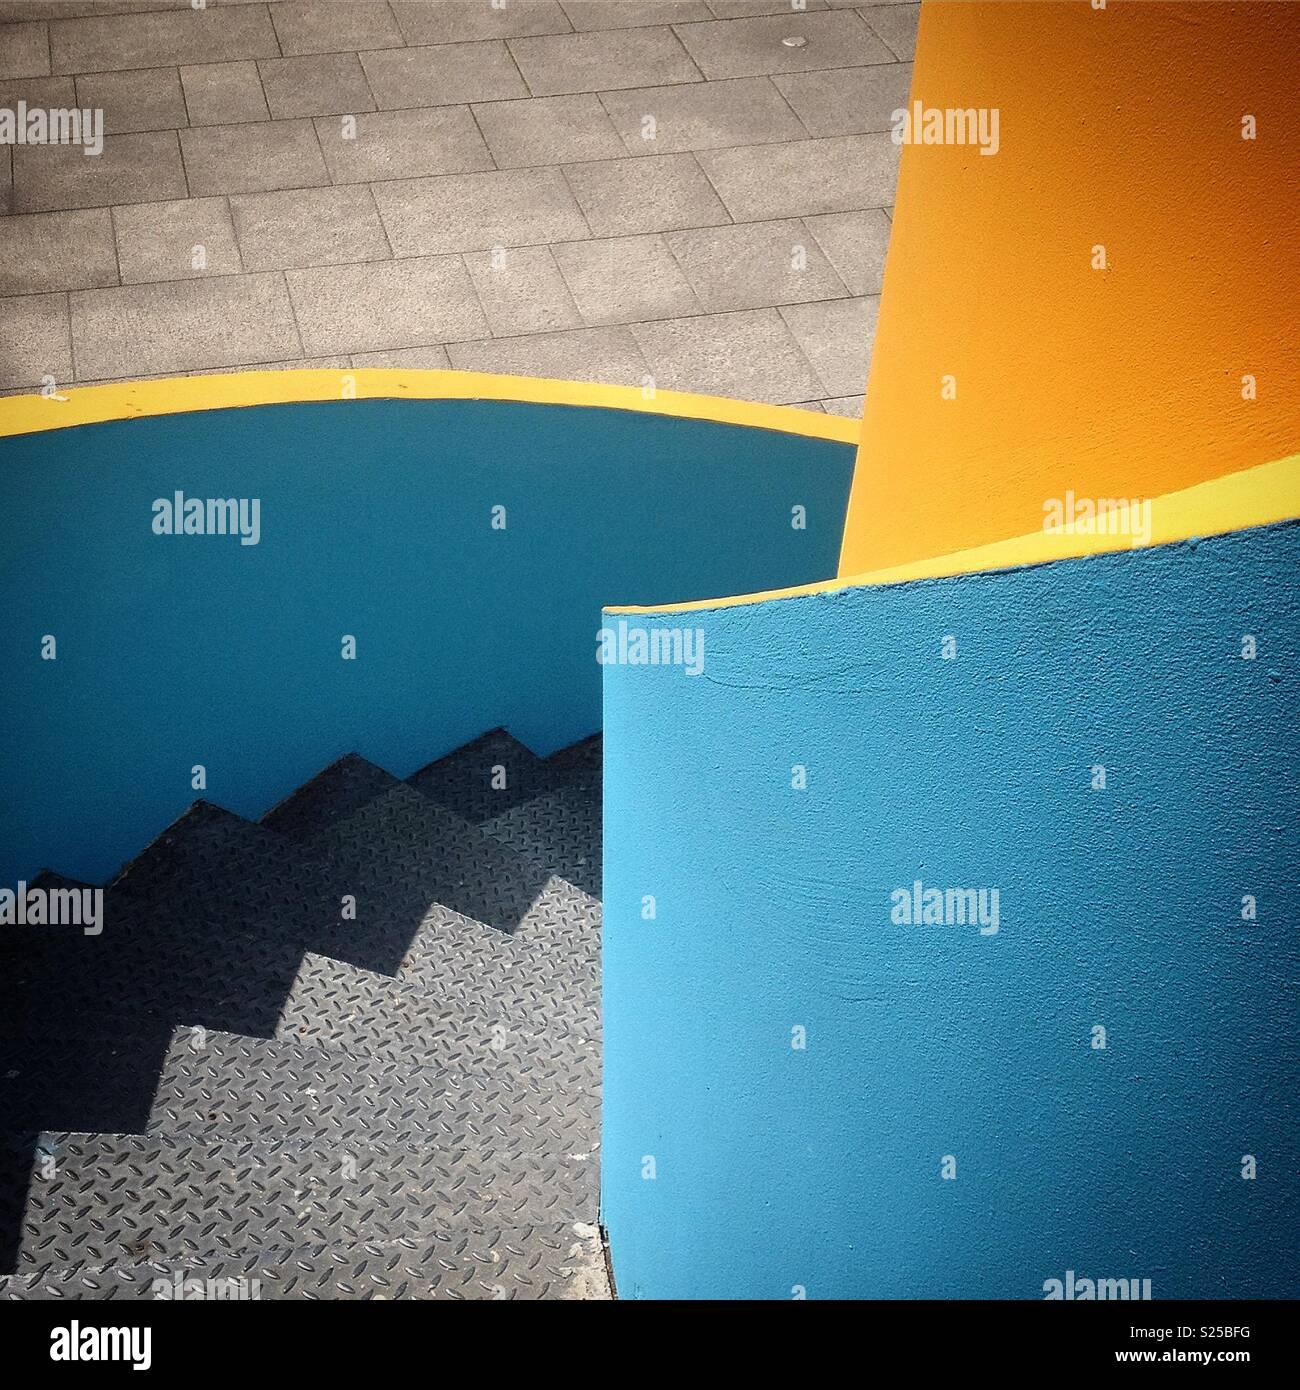 Metall Schritte mit gelben und blauen Beton Wand gemalt Stockbild